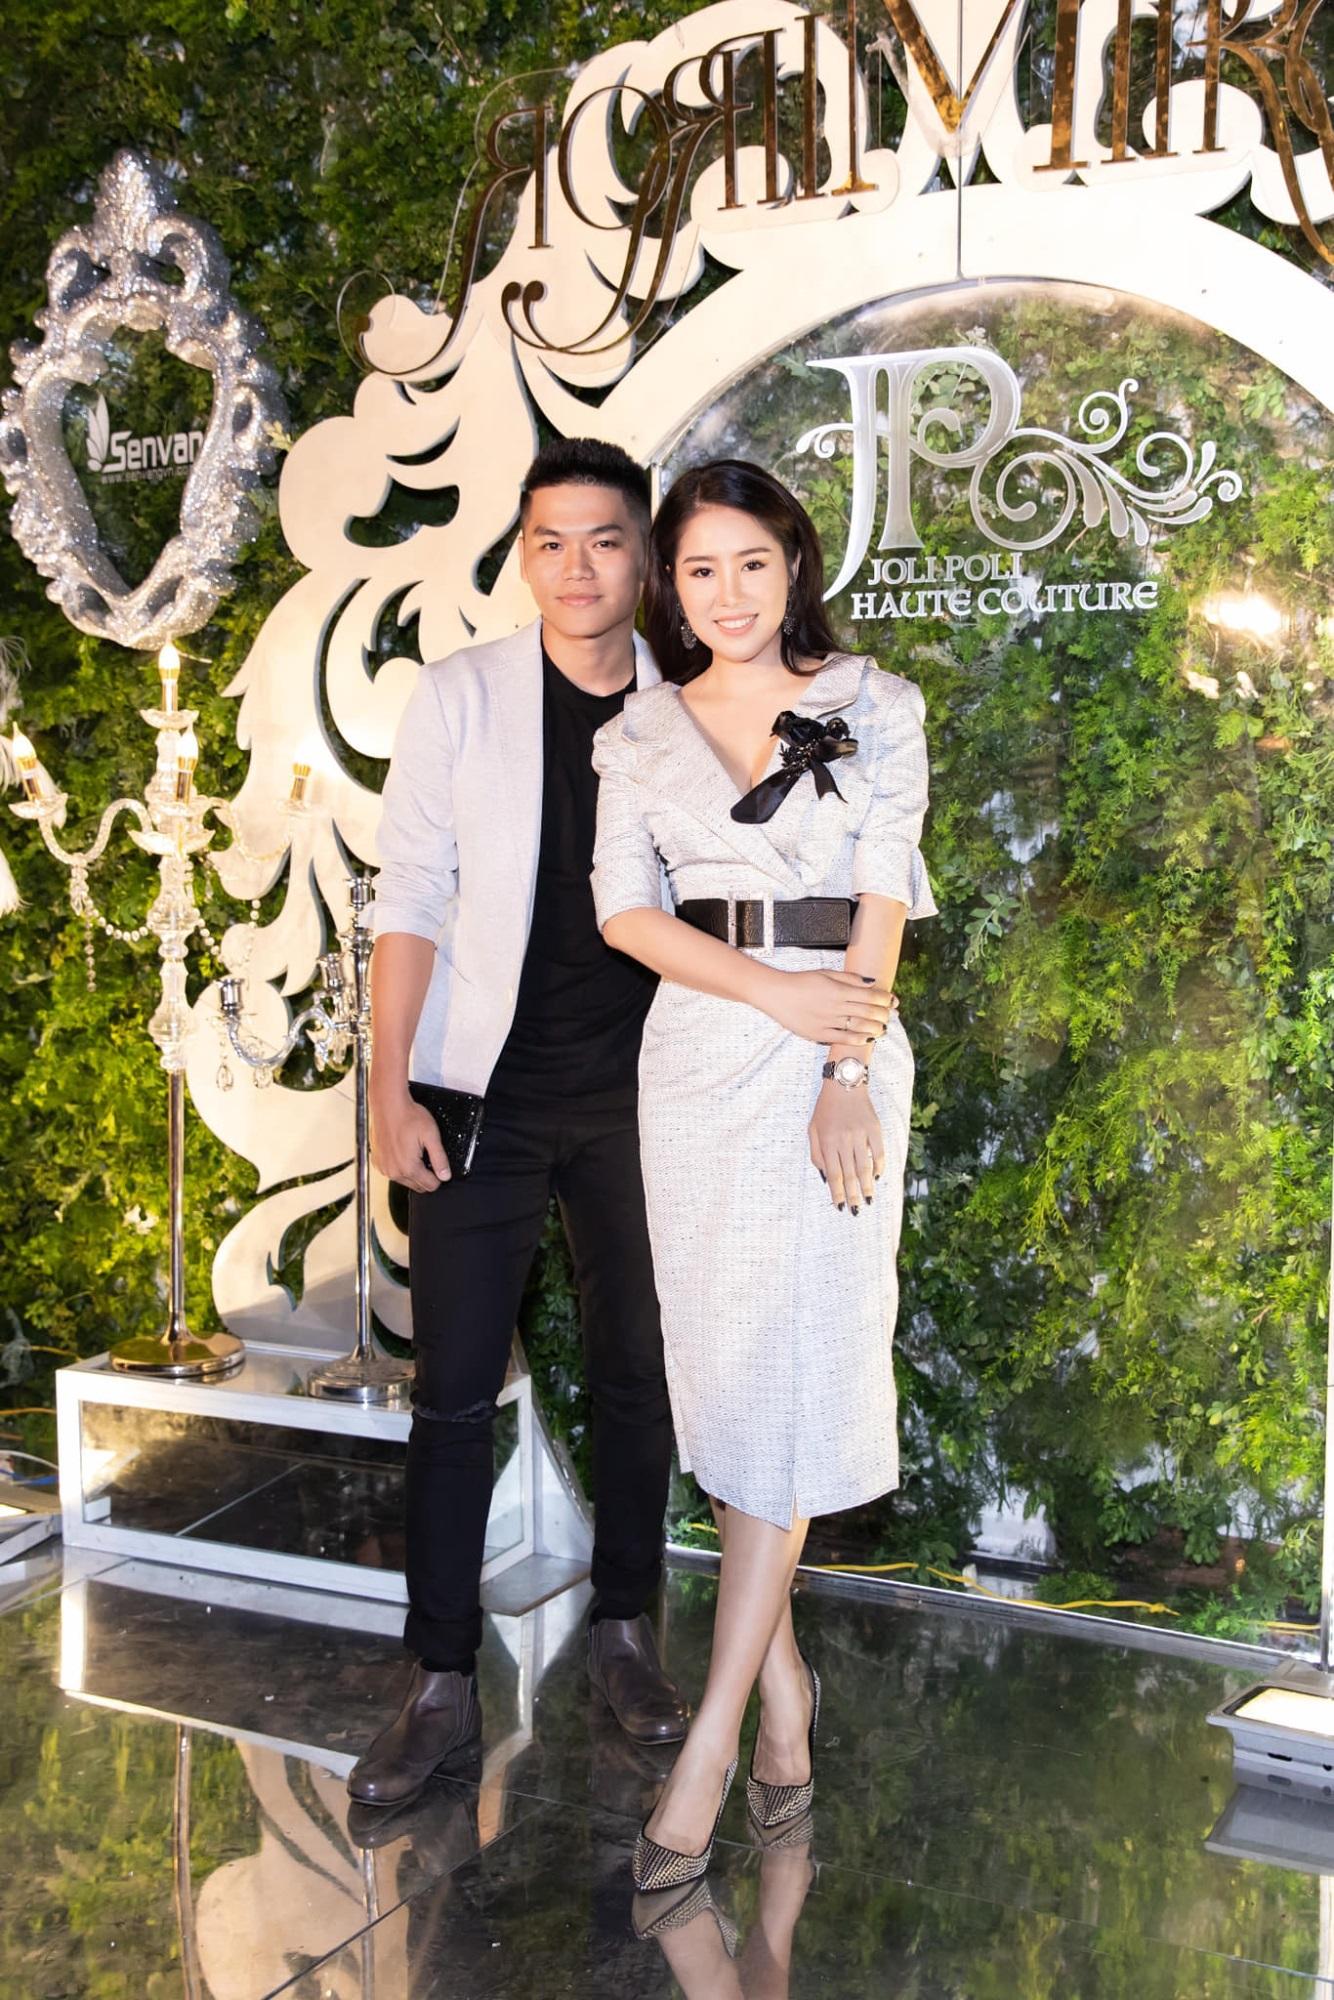 Hôn nhân tan vỡ, mỹ nhân Việt nên duyên cùng tình trẻ: Người được cưng chiều hết nấc, người kết hôn cùng 'phi công' kém 10 tuổi  - Ảnh 17